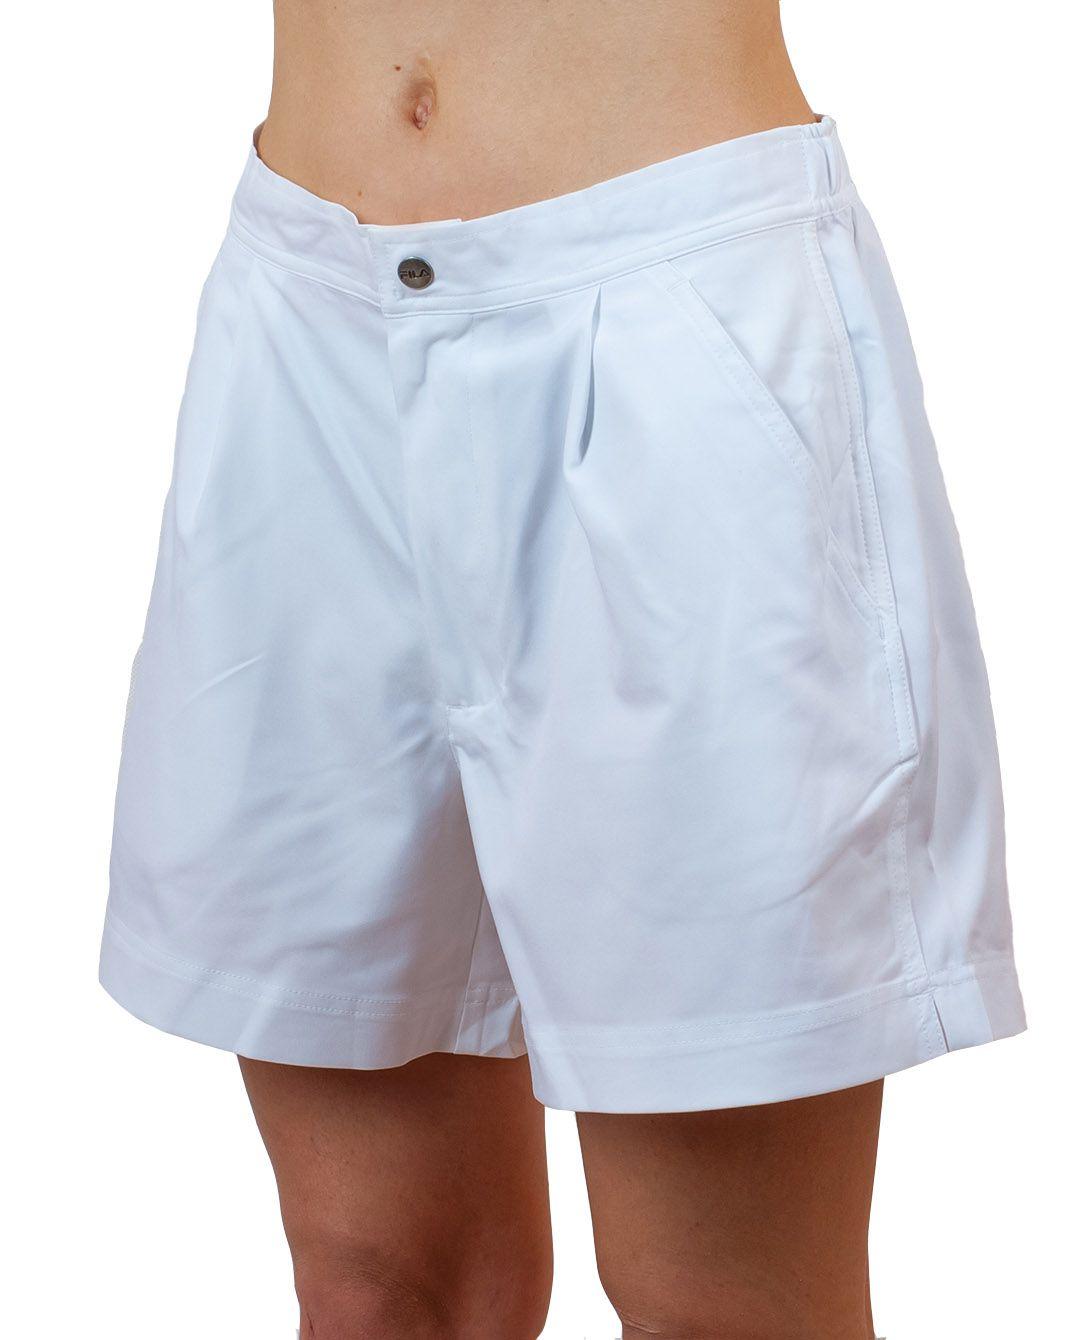 Белые шортики для девушки по лучшей цене с доставкой